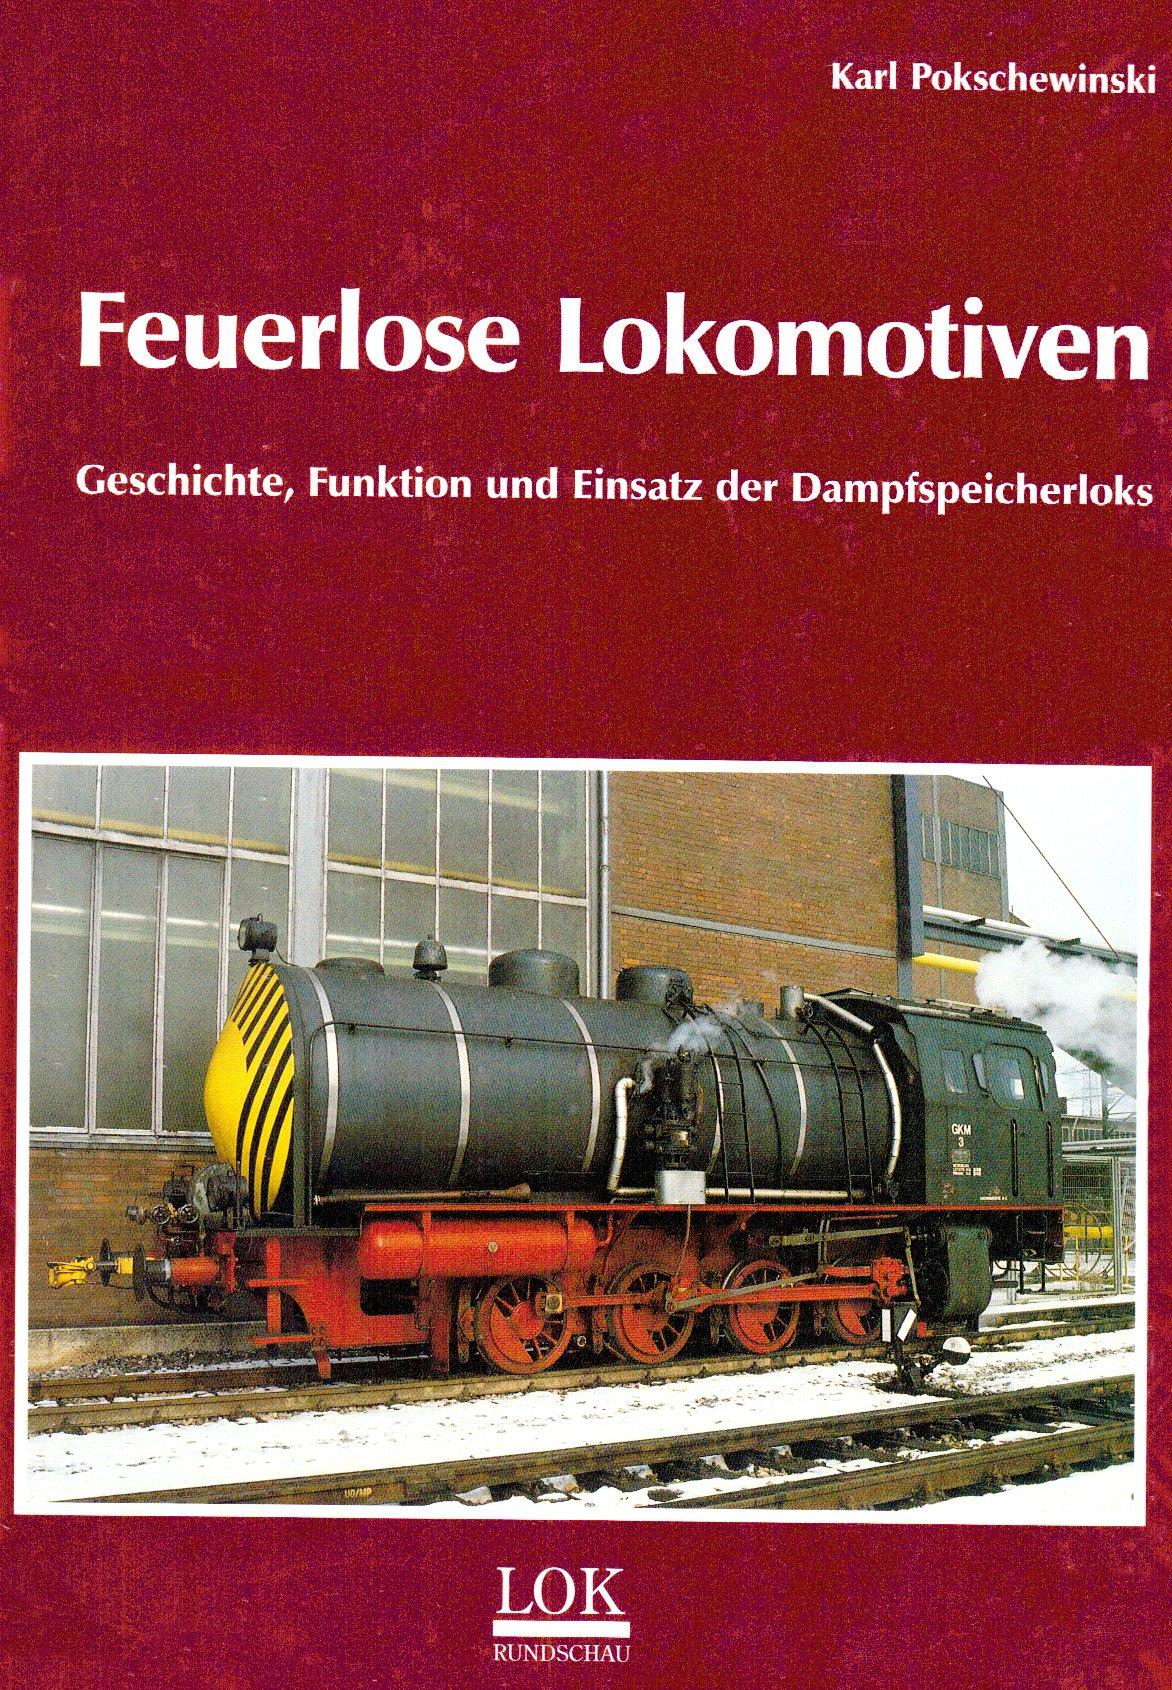 Feuerlose Lokomotiven: Geschichte, Einsatz und Verbleib von Dampfspeicherlokomotiven